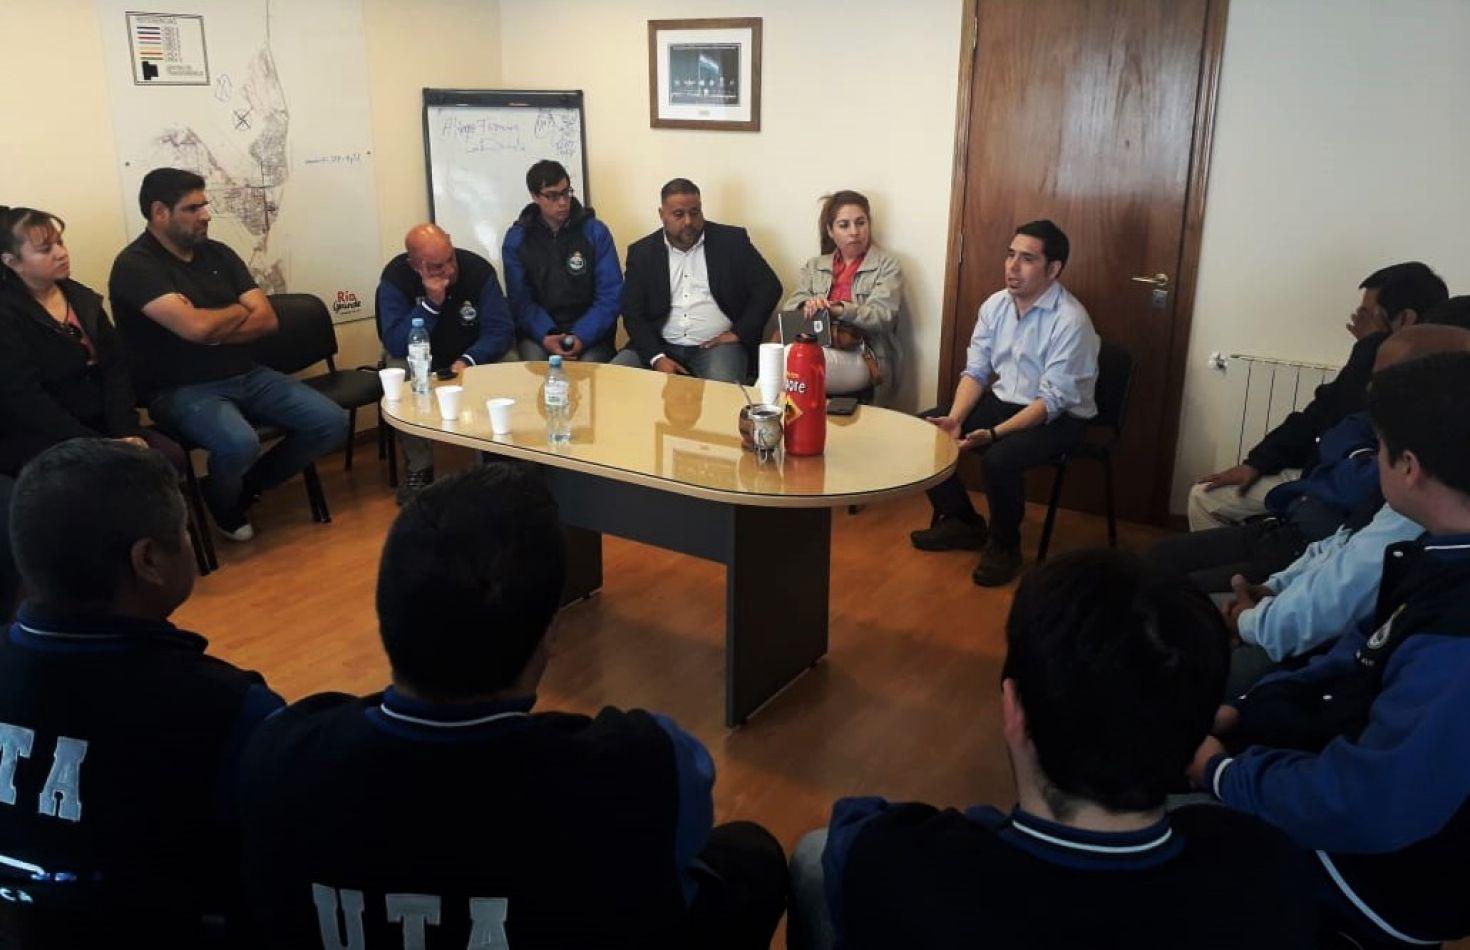 El encuentro fue presidido por el secretario de Participación y Gestión Ciudadana, Dr. Federico Runín